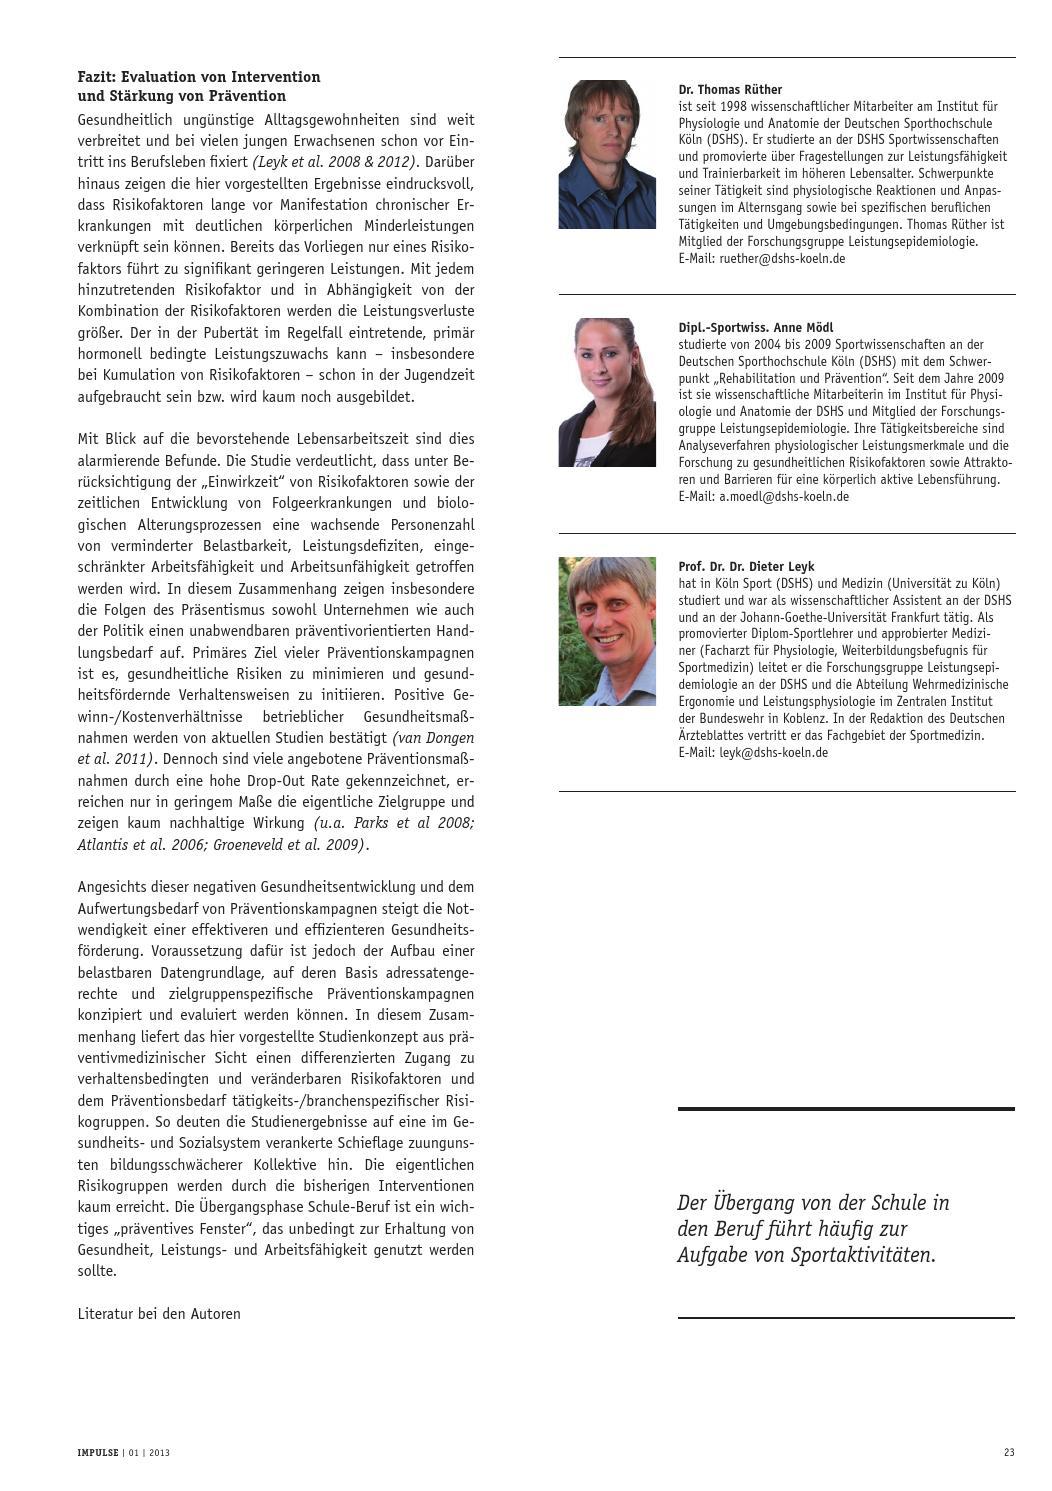 IMPULSE 1/2013 by Deutsche Sporthochschule Köln - issuu